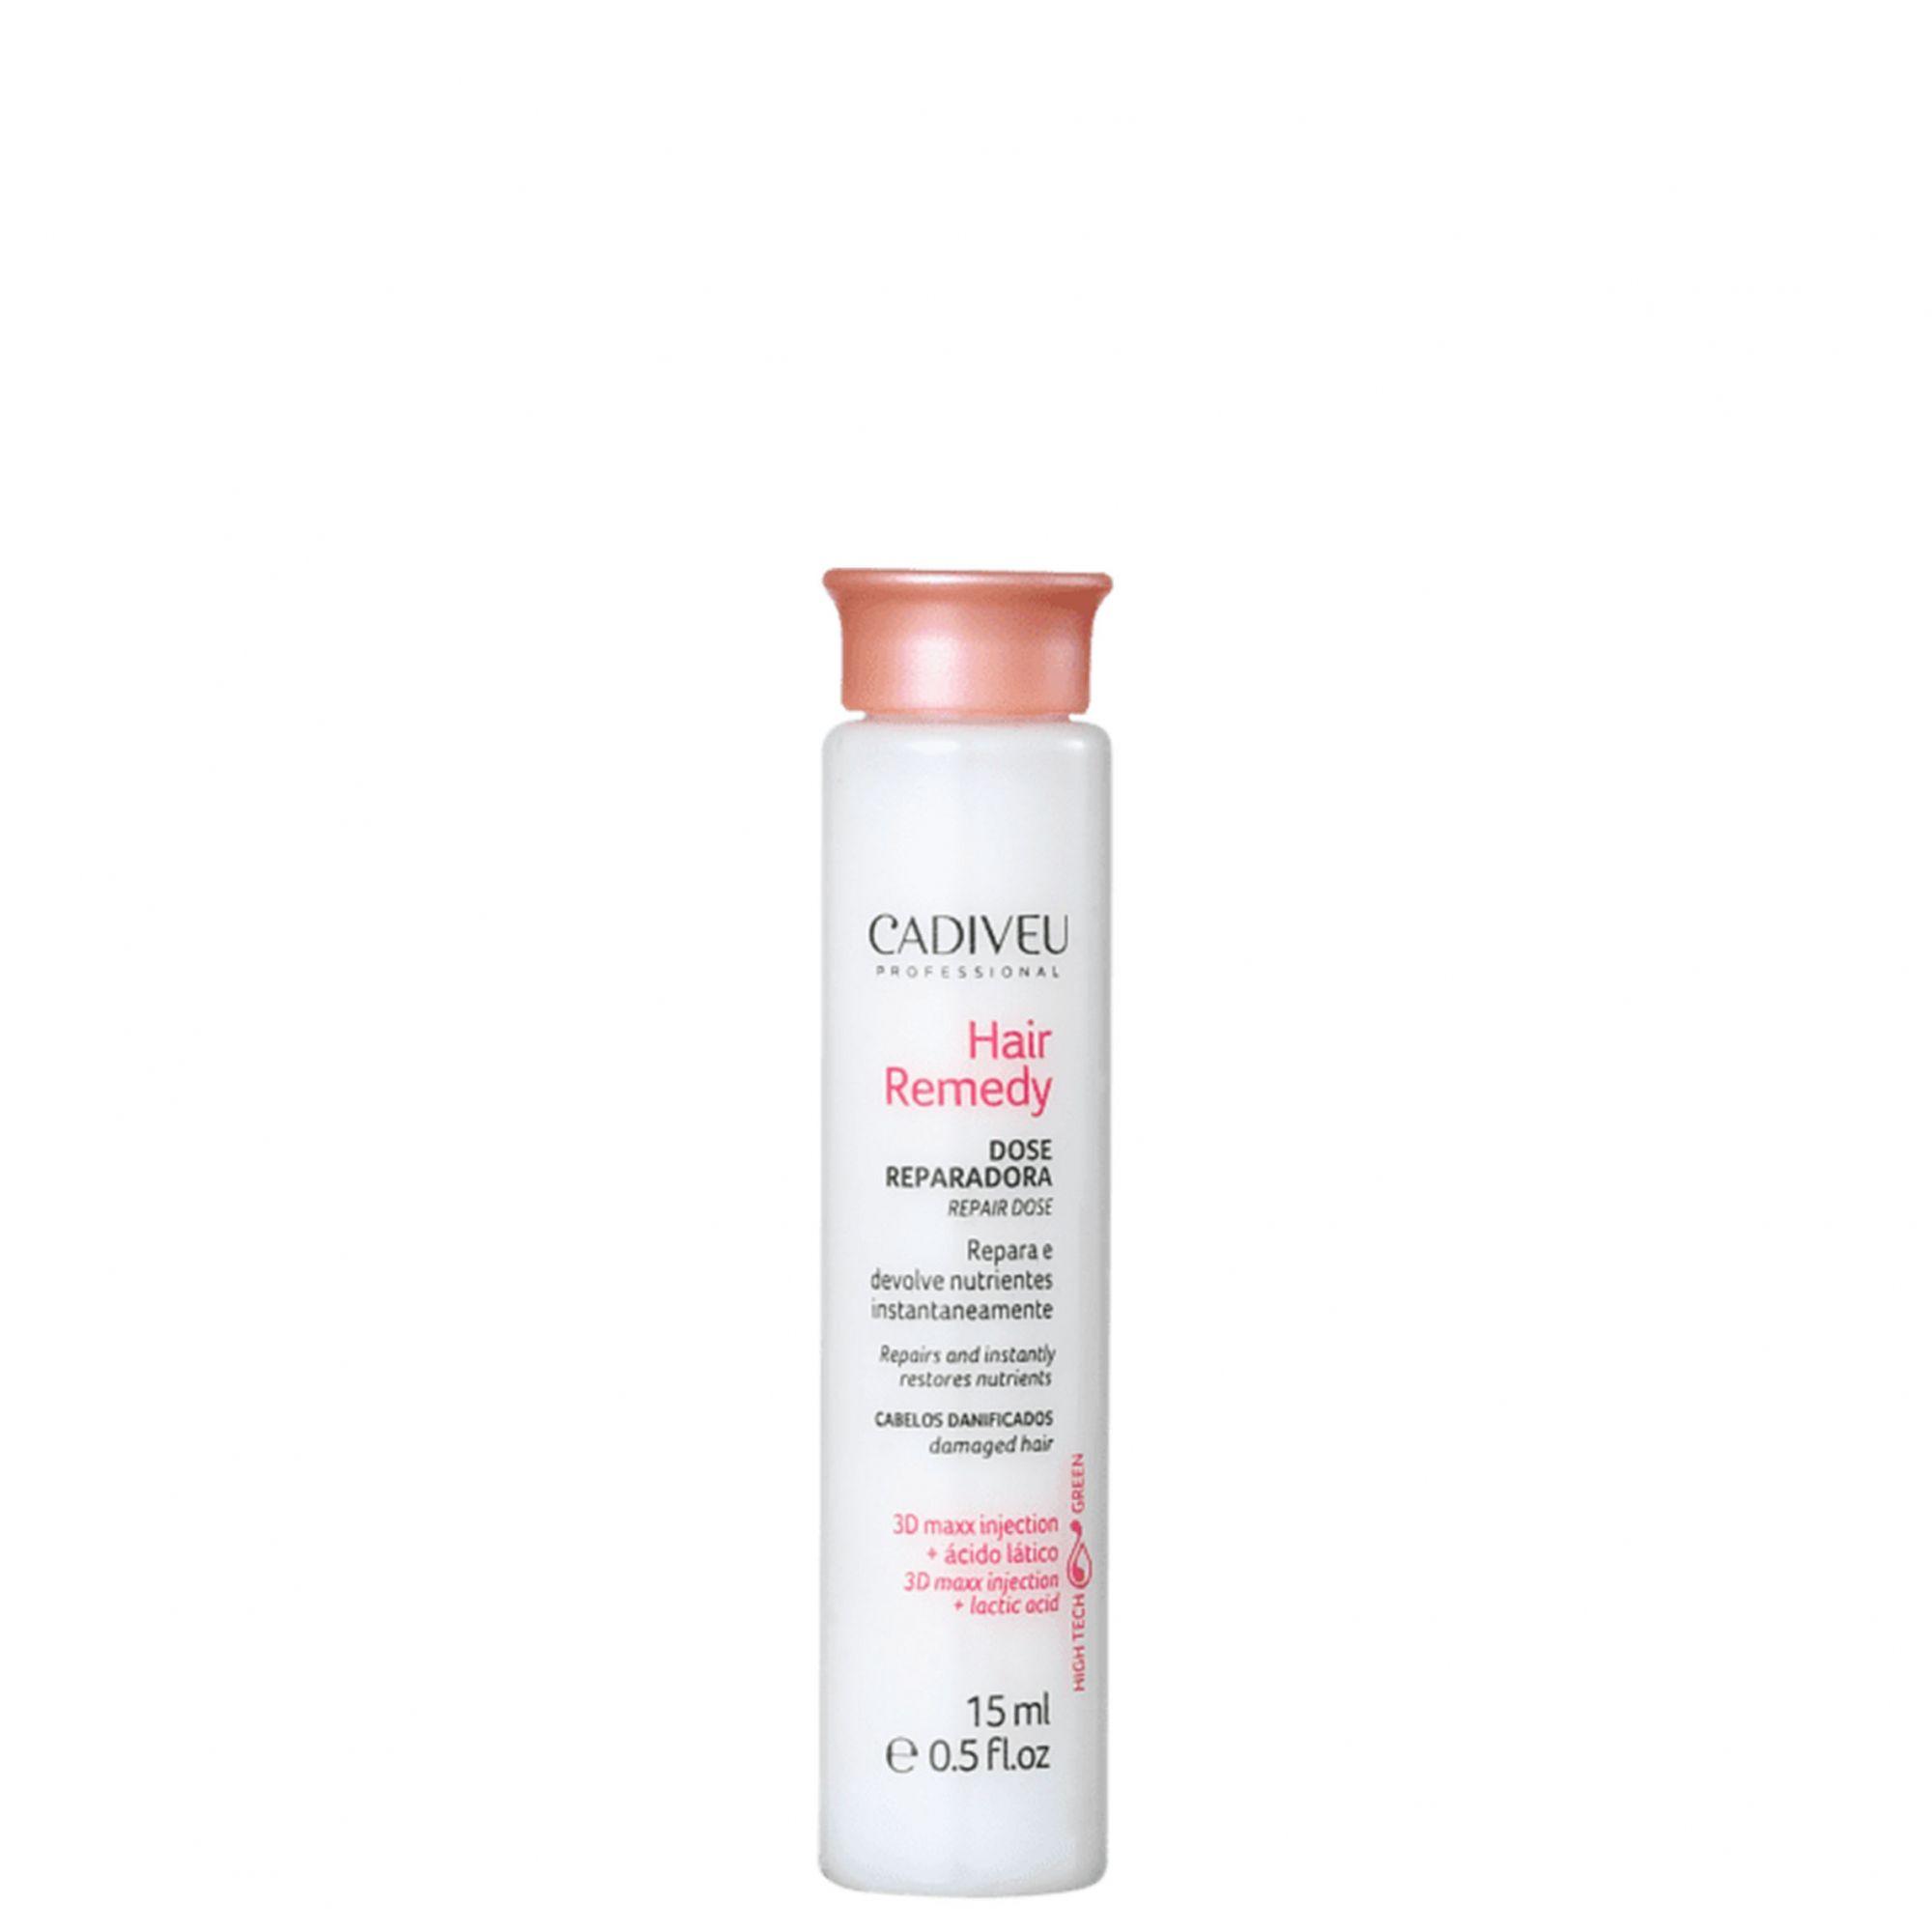 Cadiveu Professional Hair Remedy Dose Reparadora Ampola Capilar 15ml